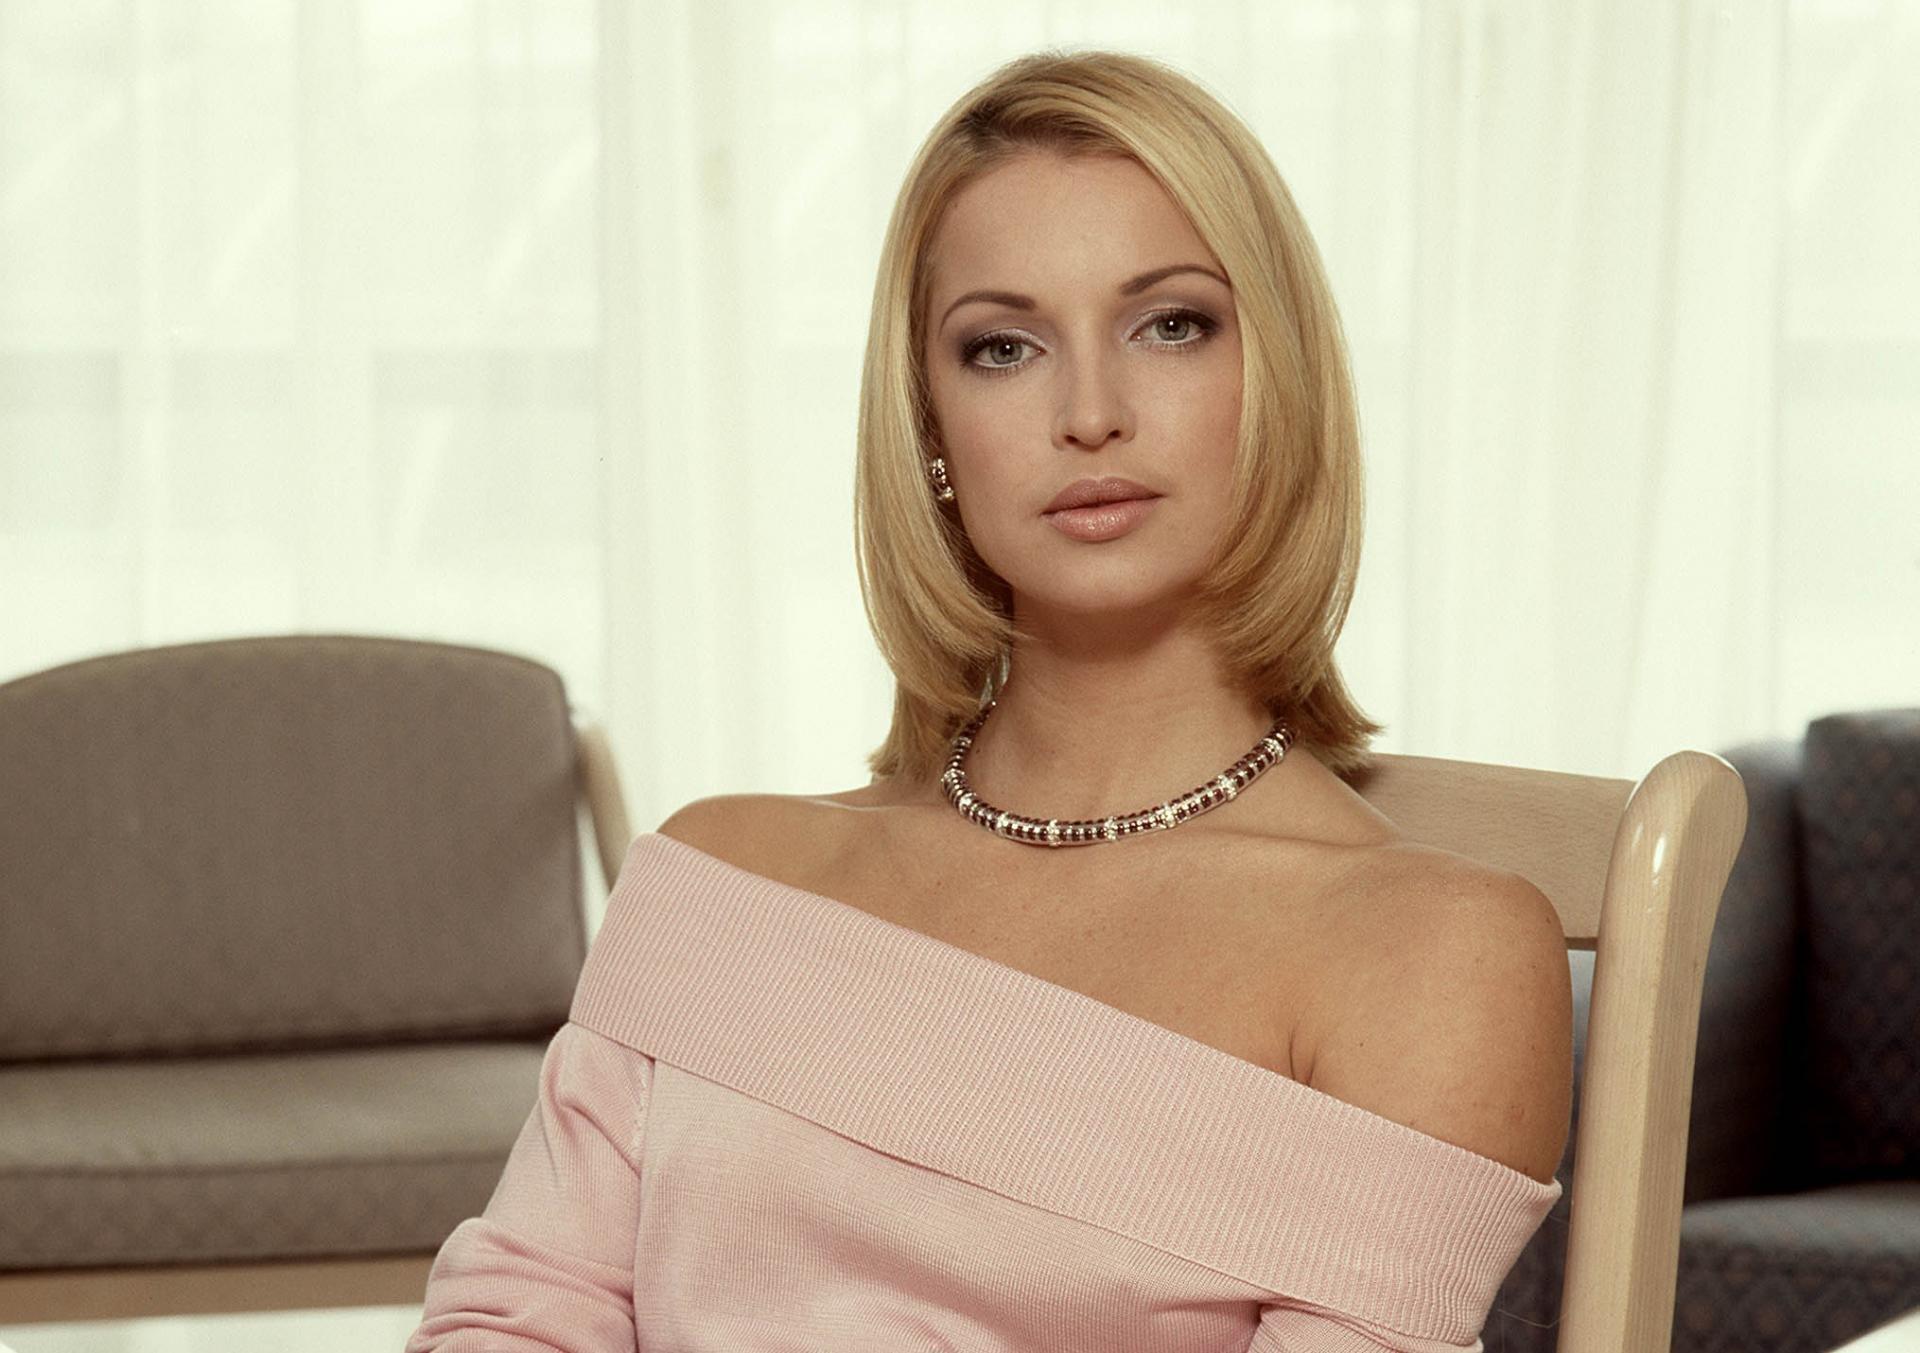 Анастасия Волочкова 2